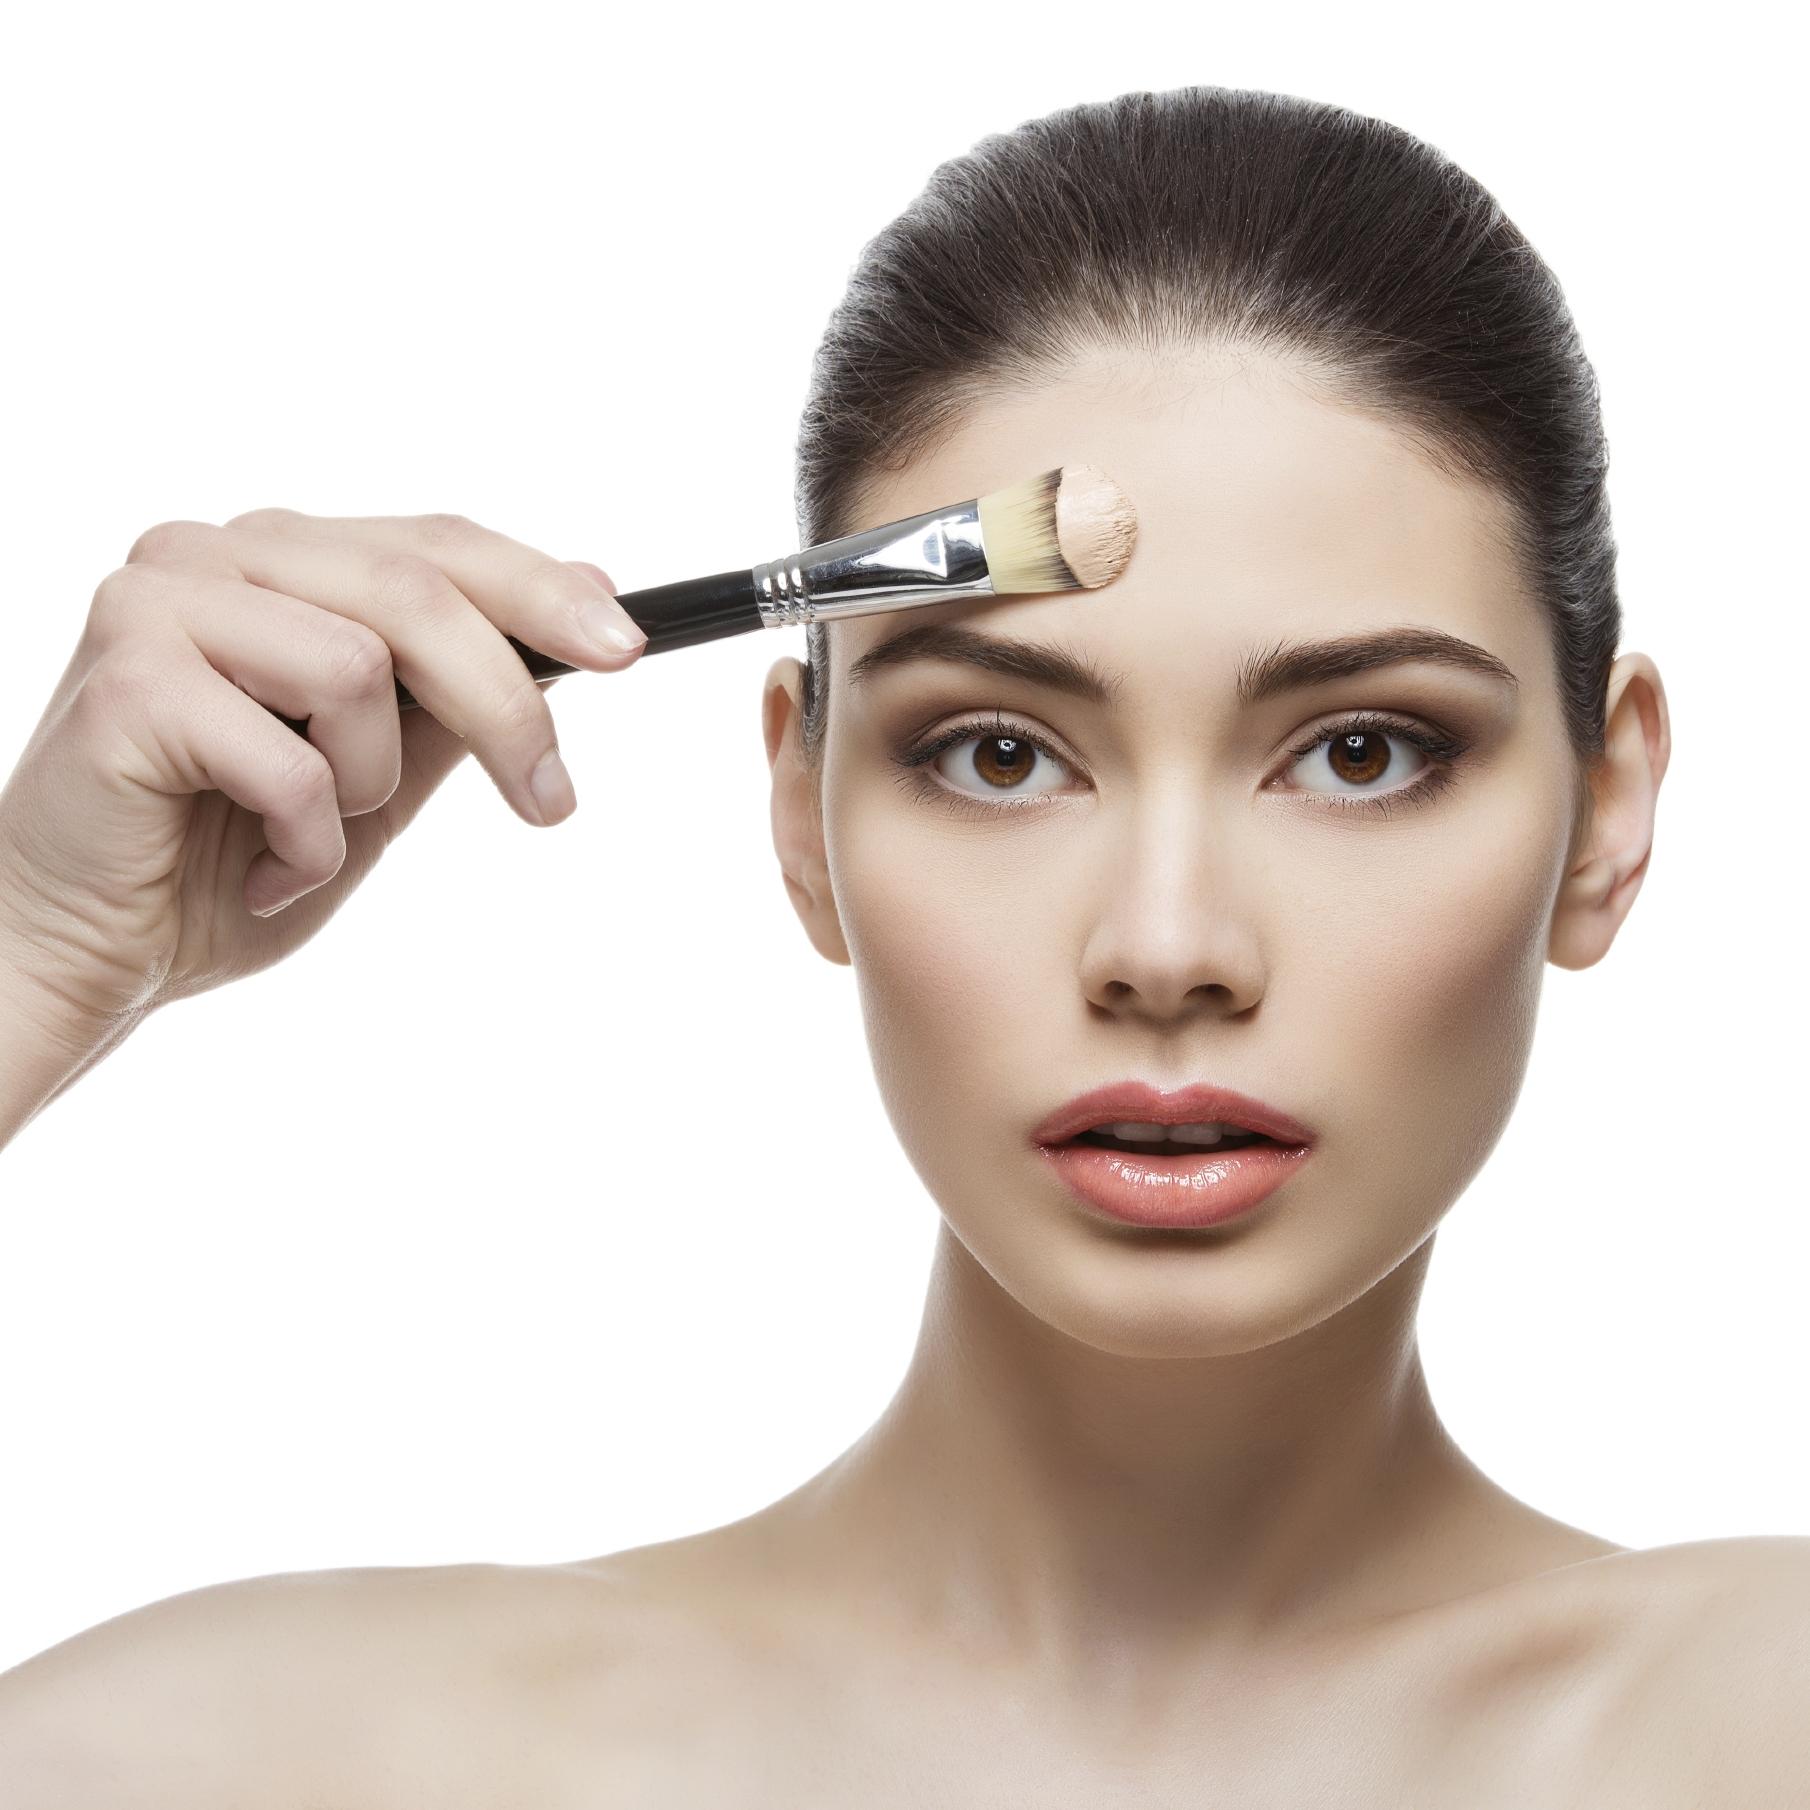 Нужна ли база под макияж для жирной кожи